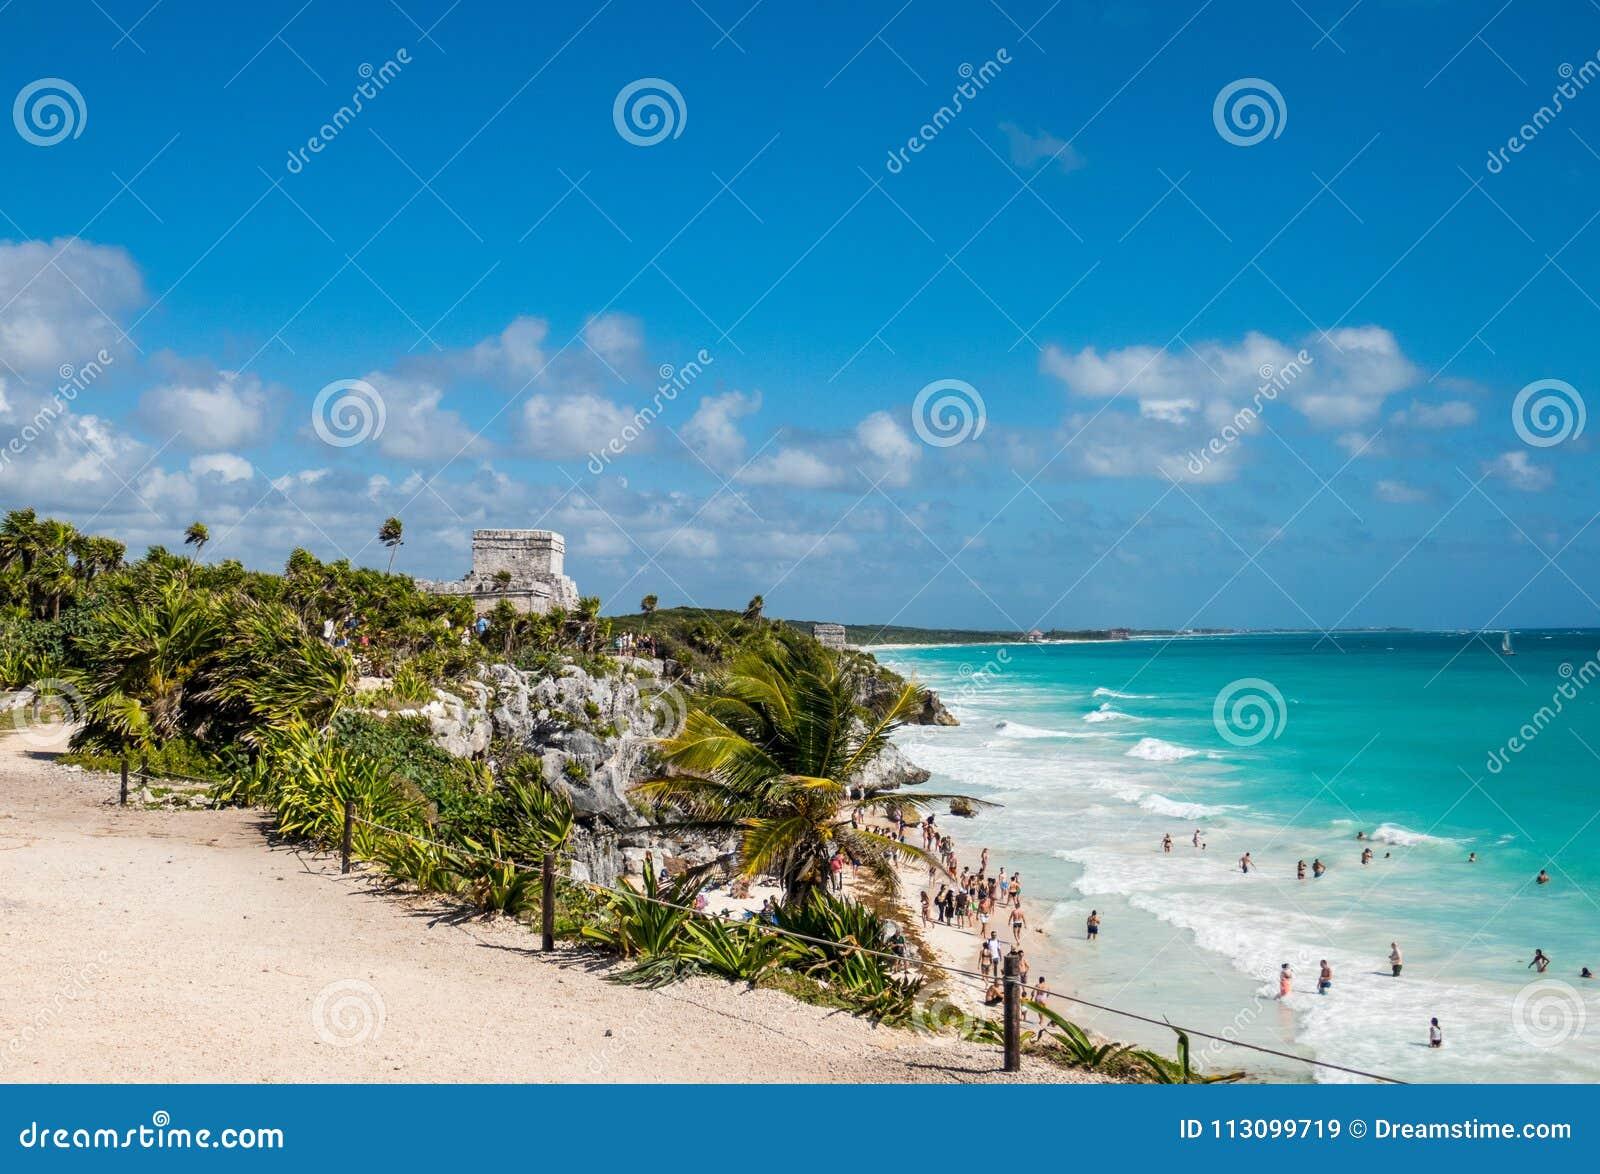 Costa costa del Caribe hermosa y ruinas mayas antiguas de la playa de desatención de Tulum en México